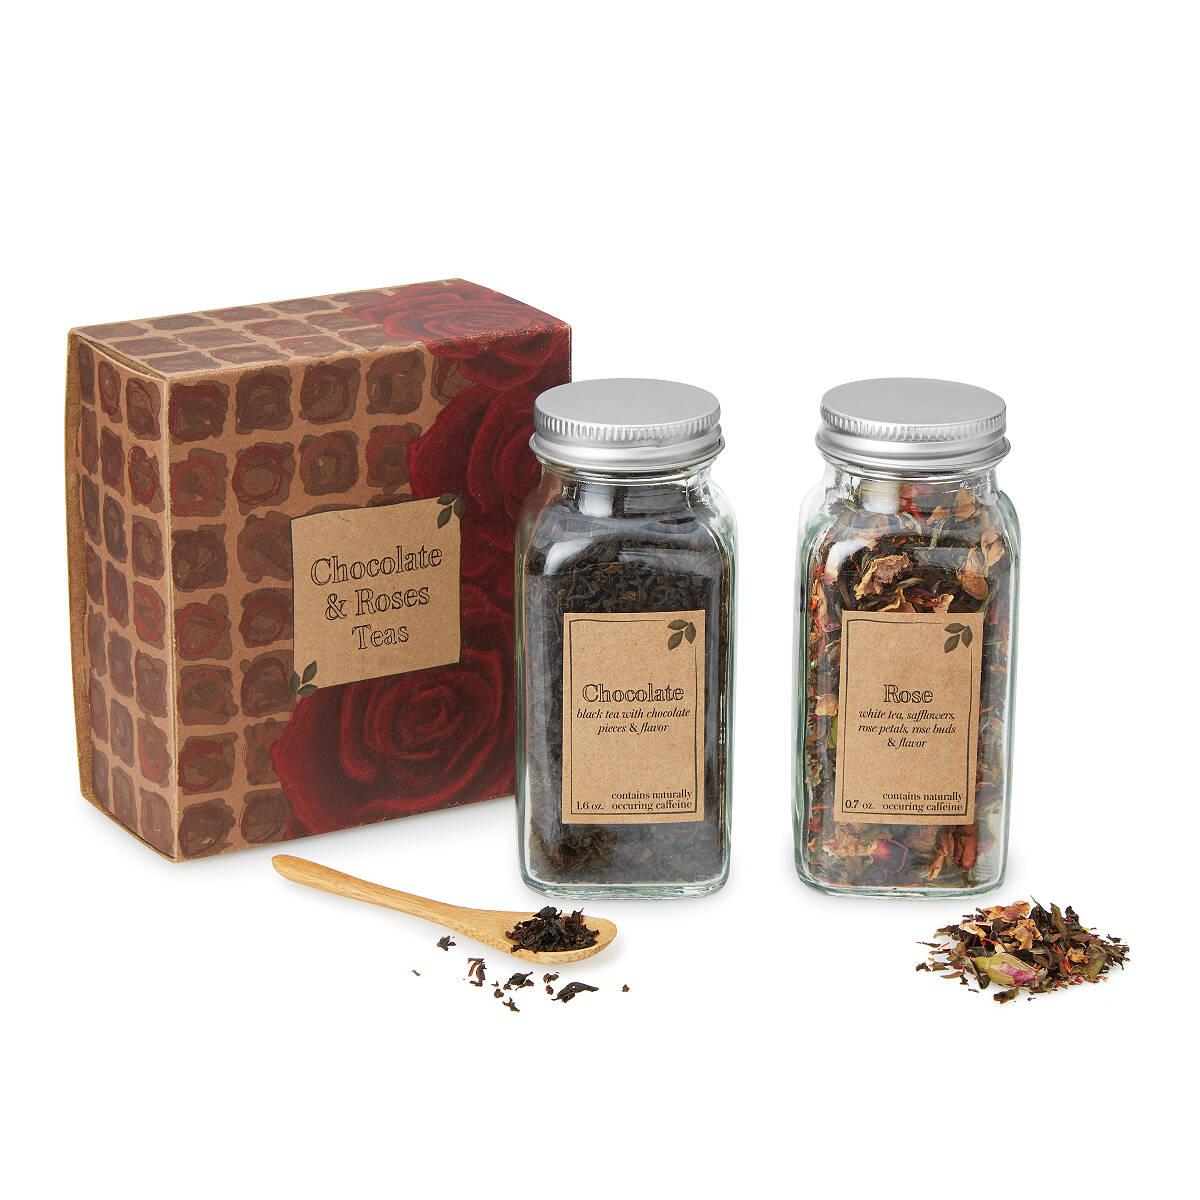 Chocolate & Roses Teas | rose tea, chocolate tea | UncommonGoods